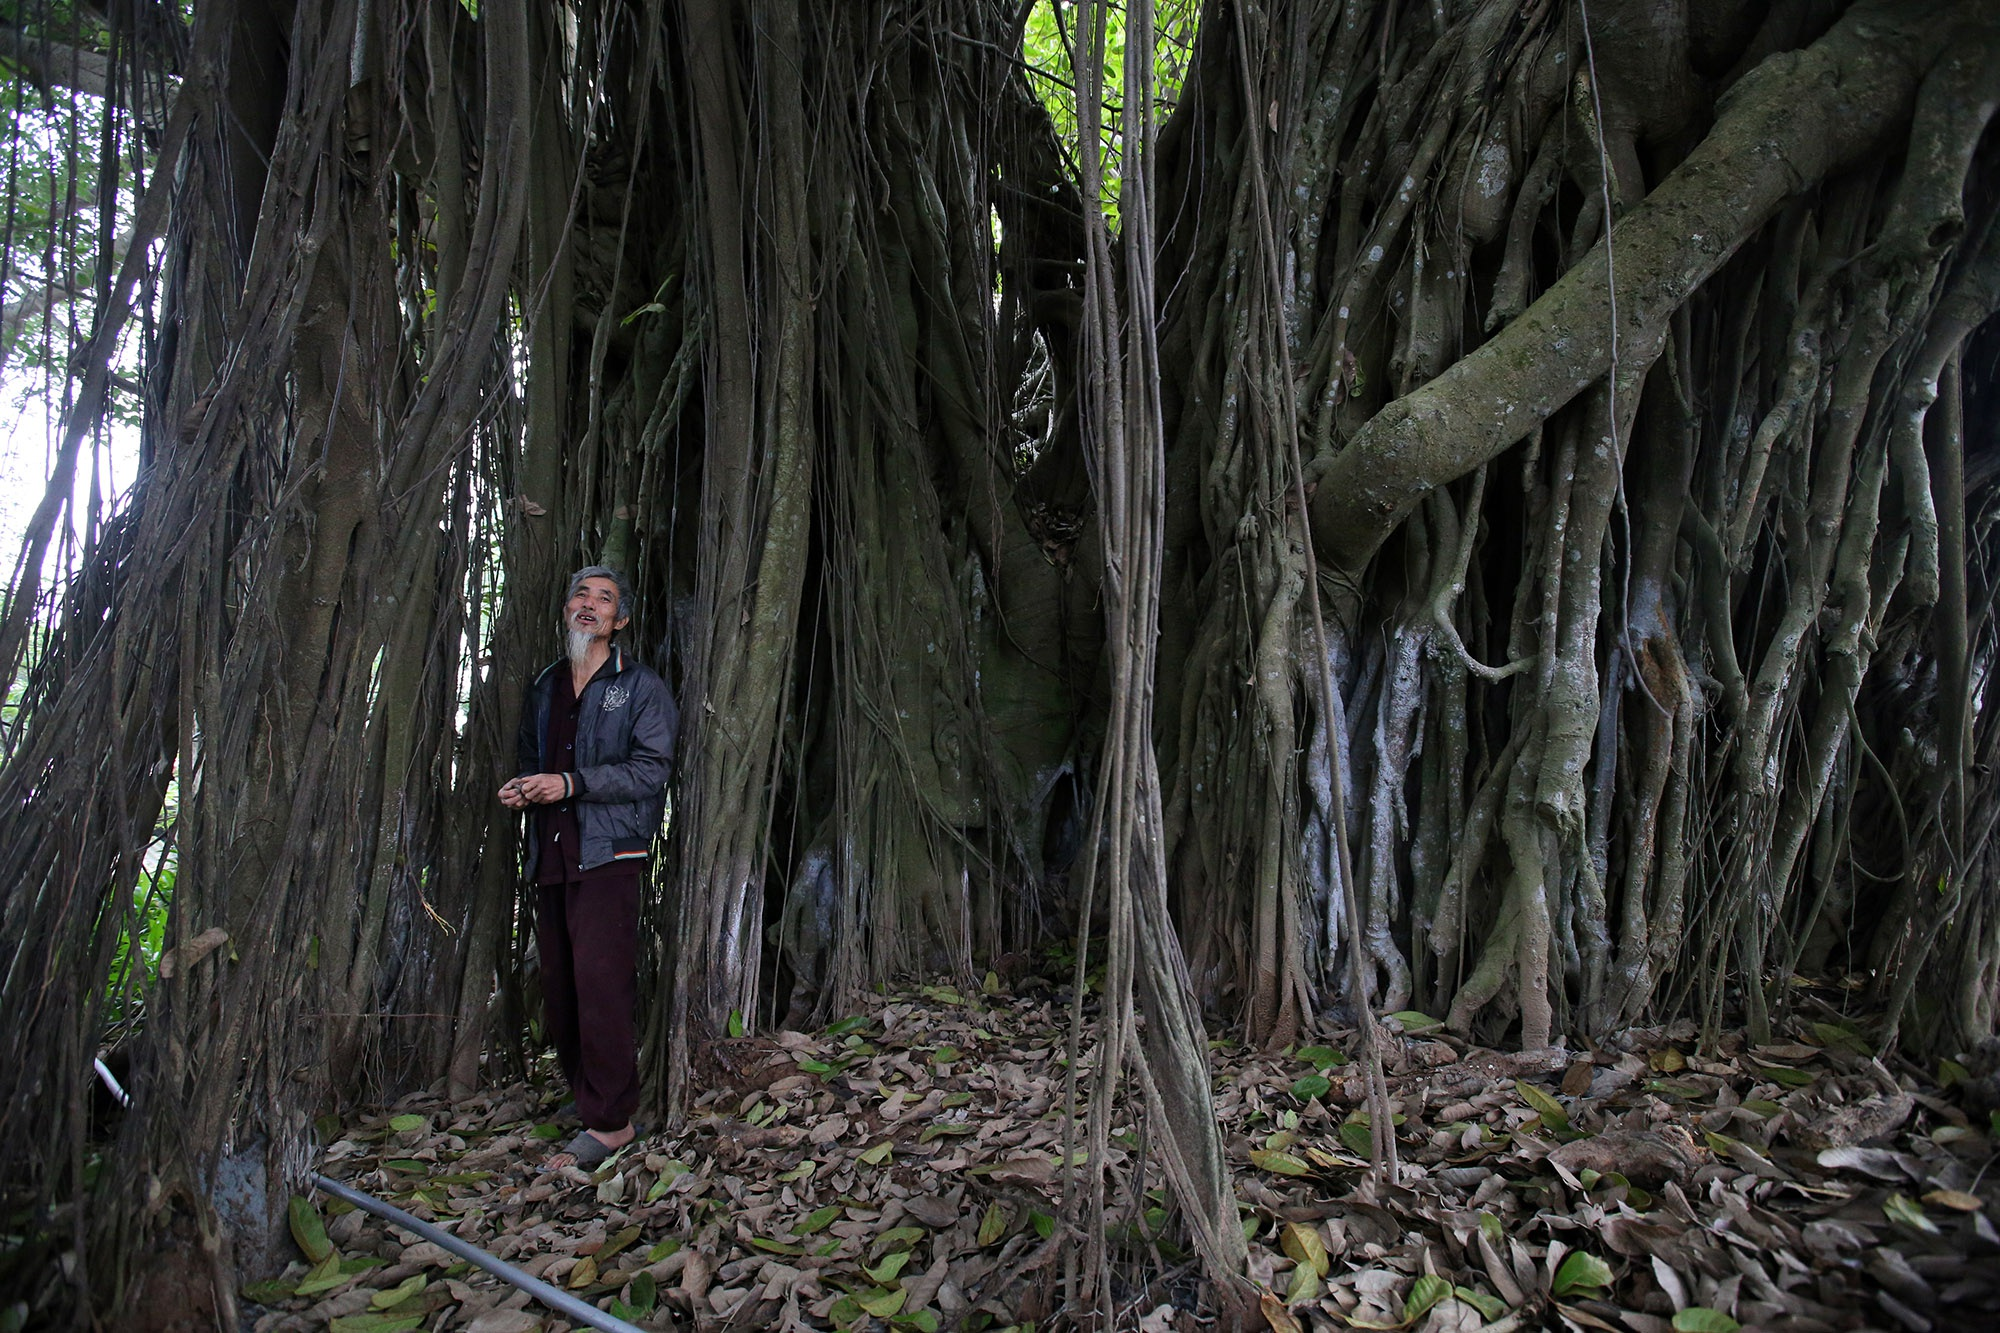 Chuyện ít người biết về cây đa khổng lồ ở xã Viên Nội - 3